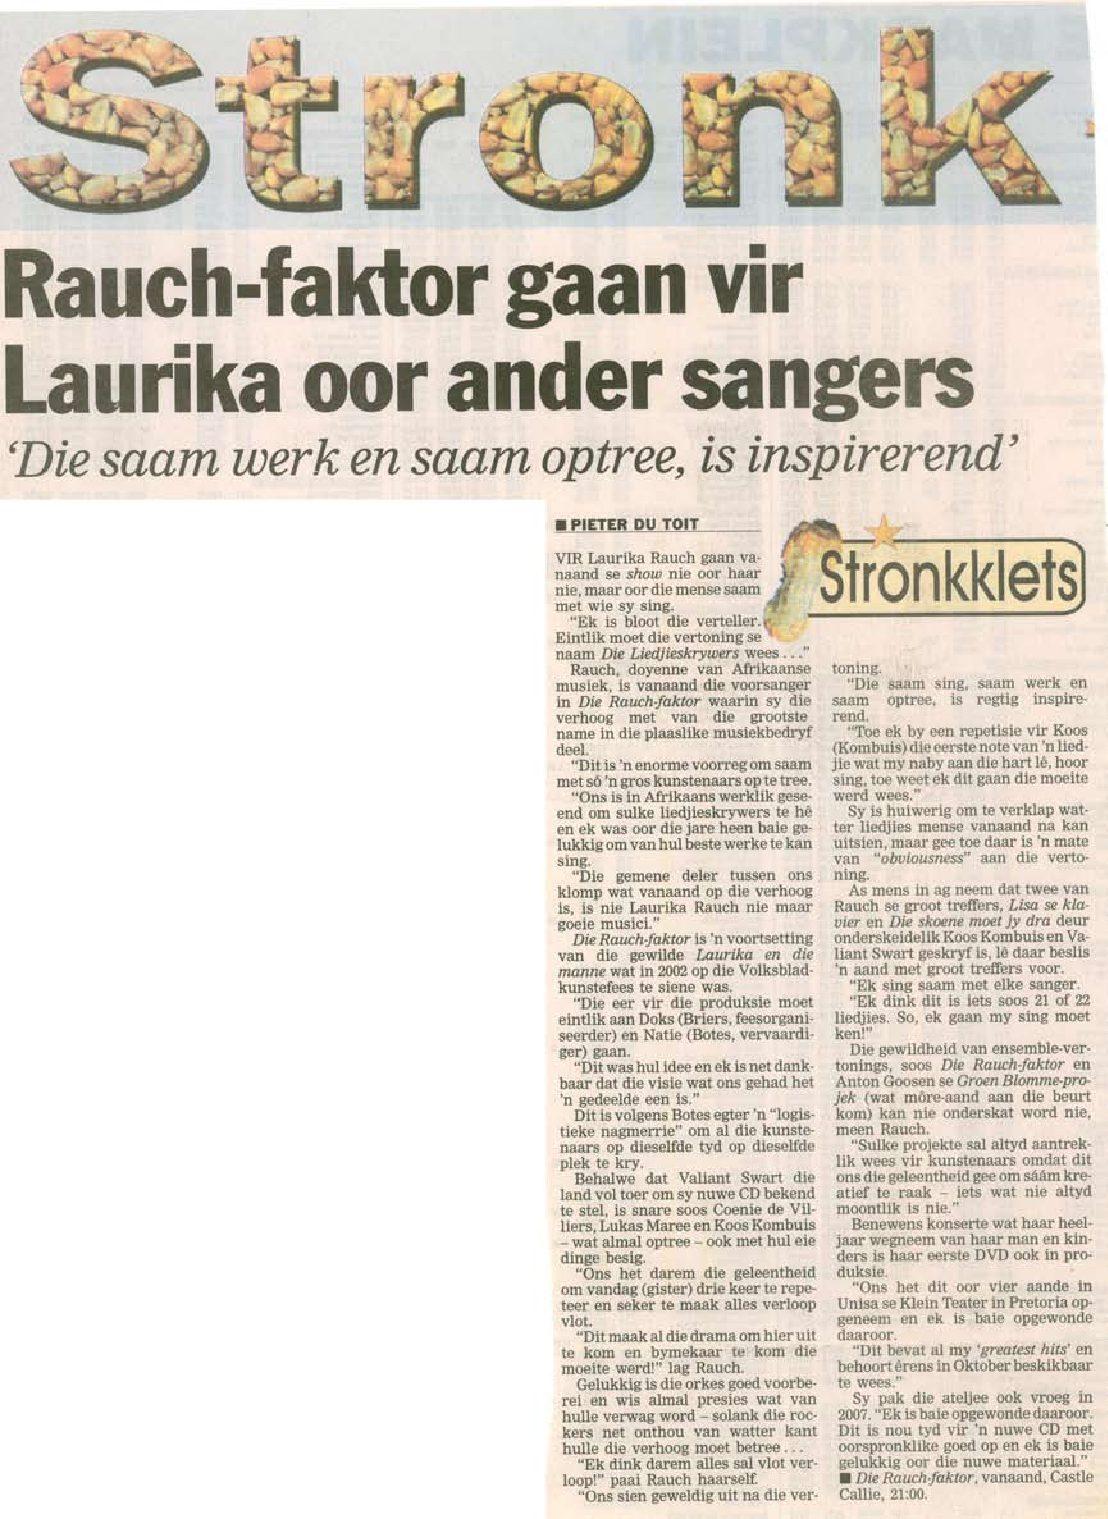 2006-volksblad-rauch-faktor